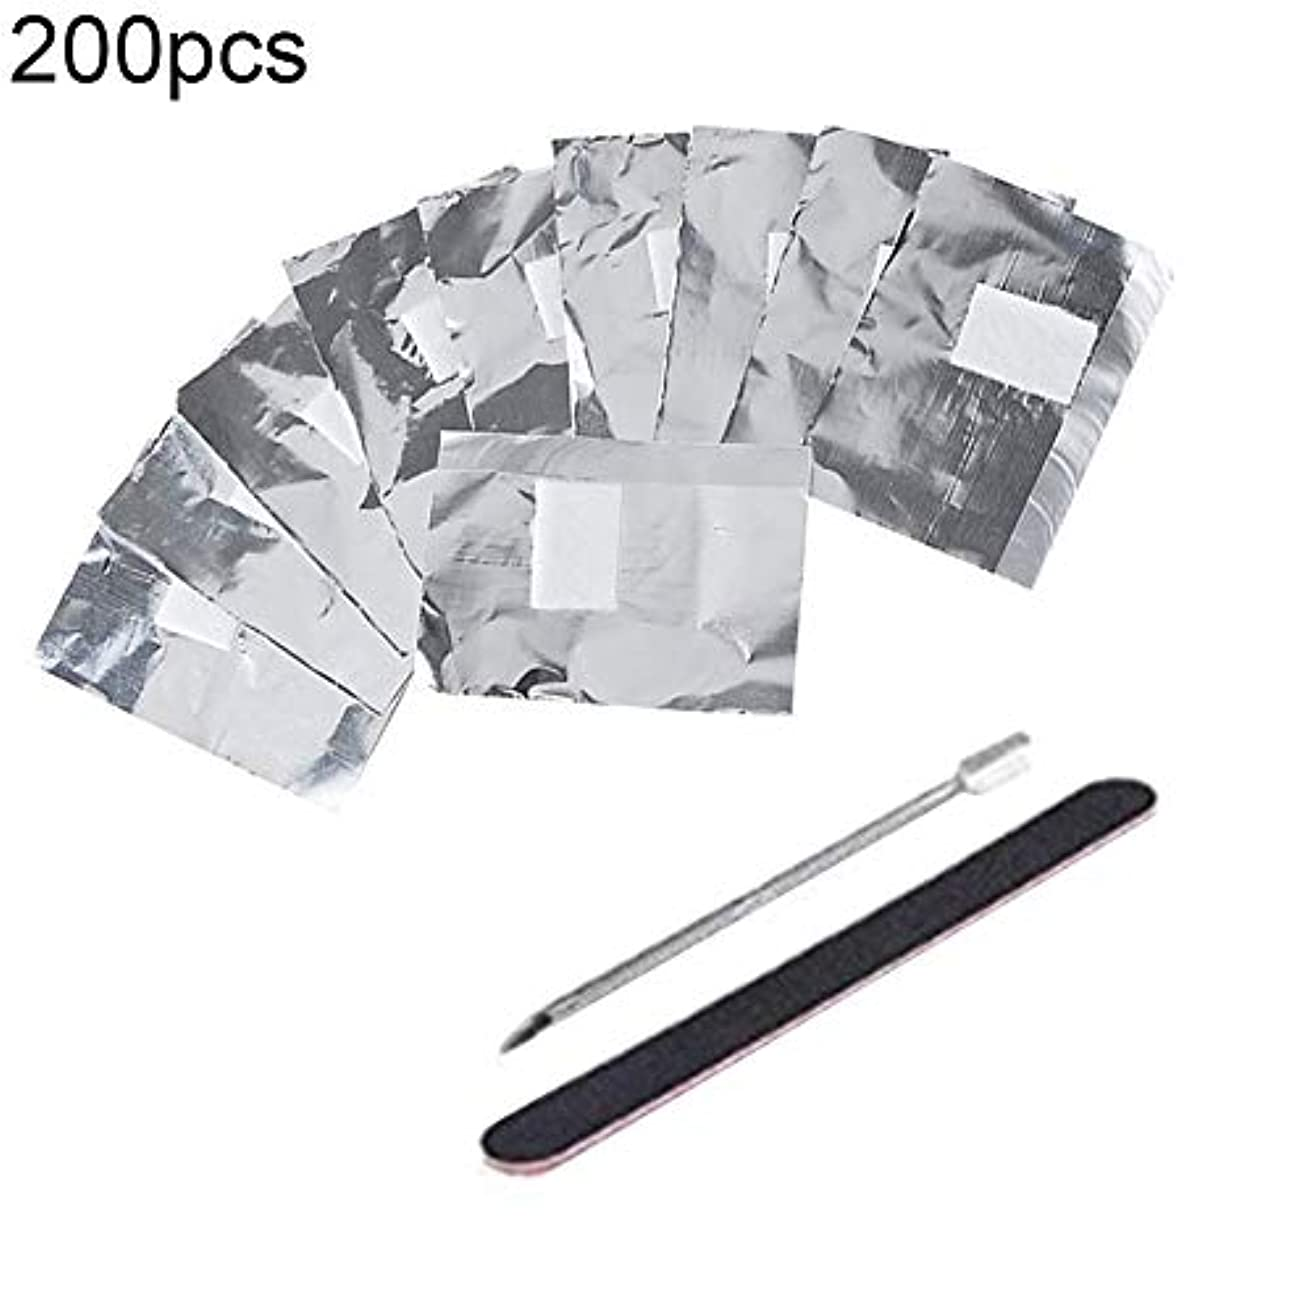 意識的対象実験的slQinjiansavネイルアート&ツール修復ツール50/100/200Pcsネイルポリッシュリムーバーホイルラップ浸漬ゲル除去コットンパッド - 100個